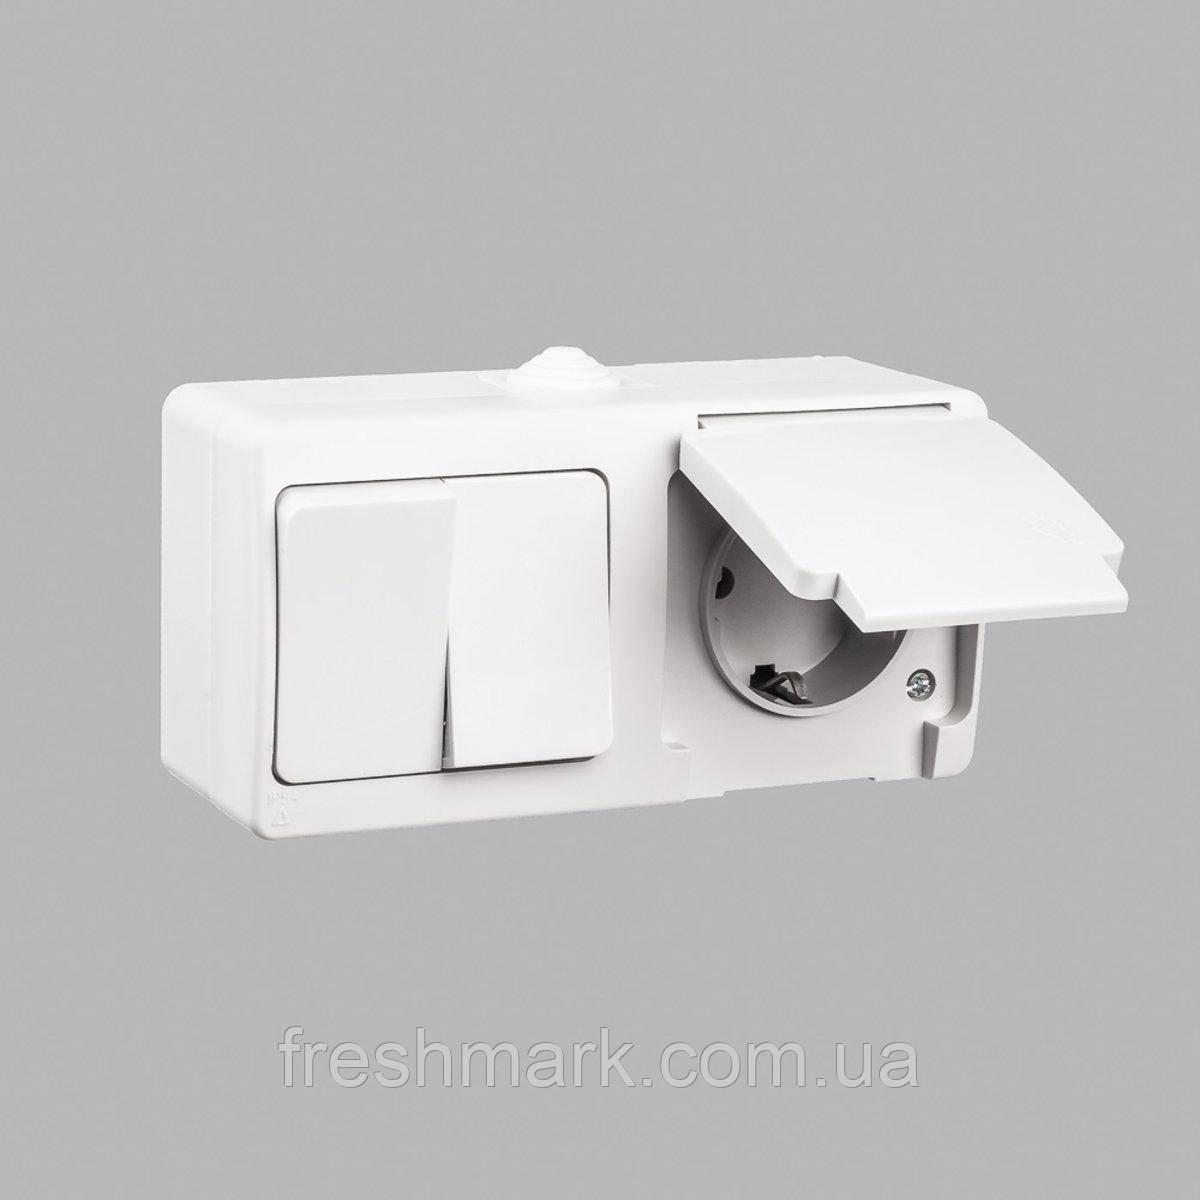 Блок выключатель двухклавишный + розетка с заземлением GUNSAN Nemliyer влагозащищенный Кремовый